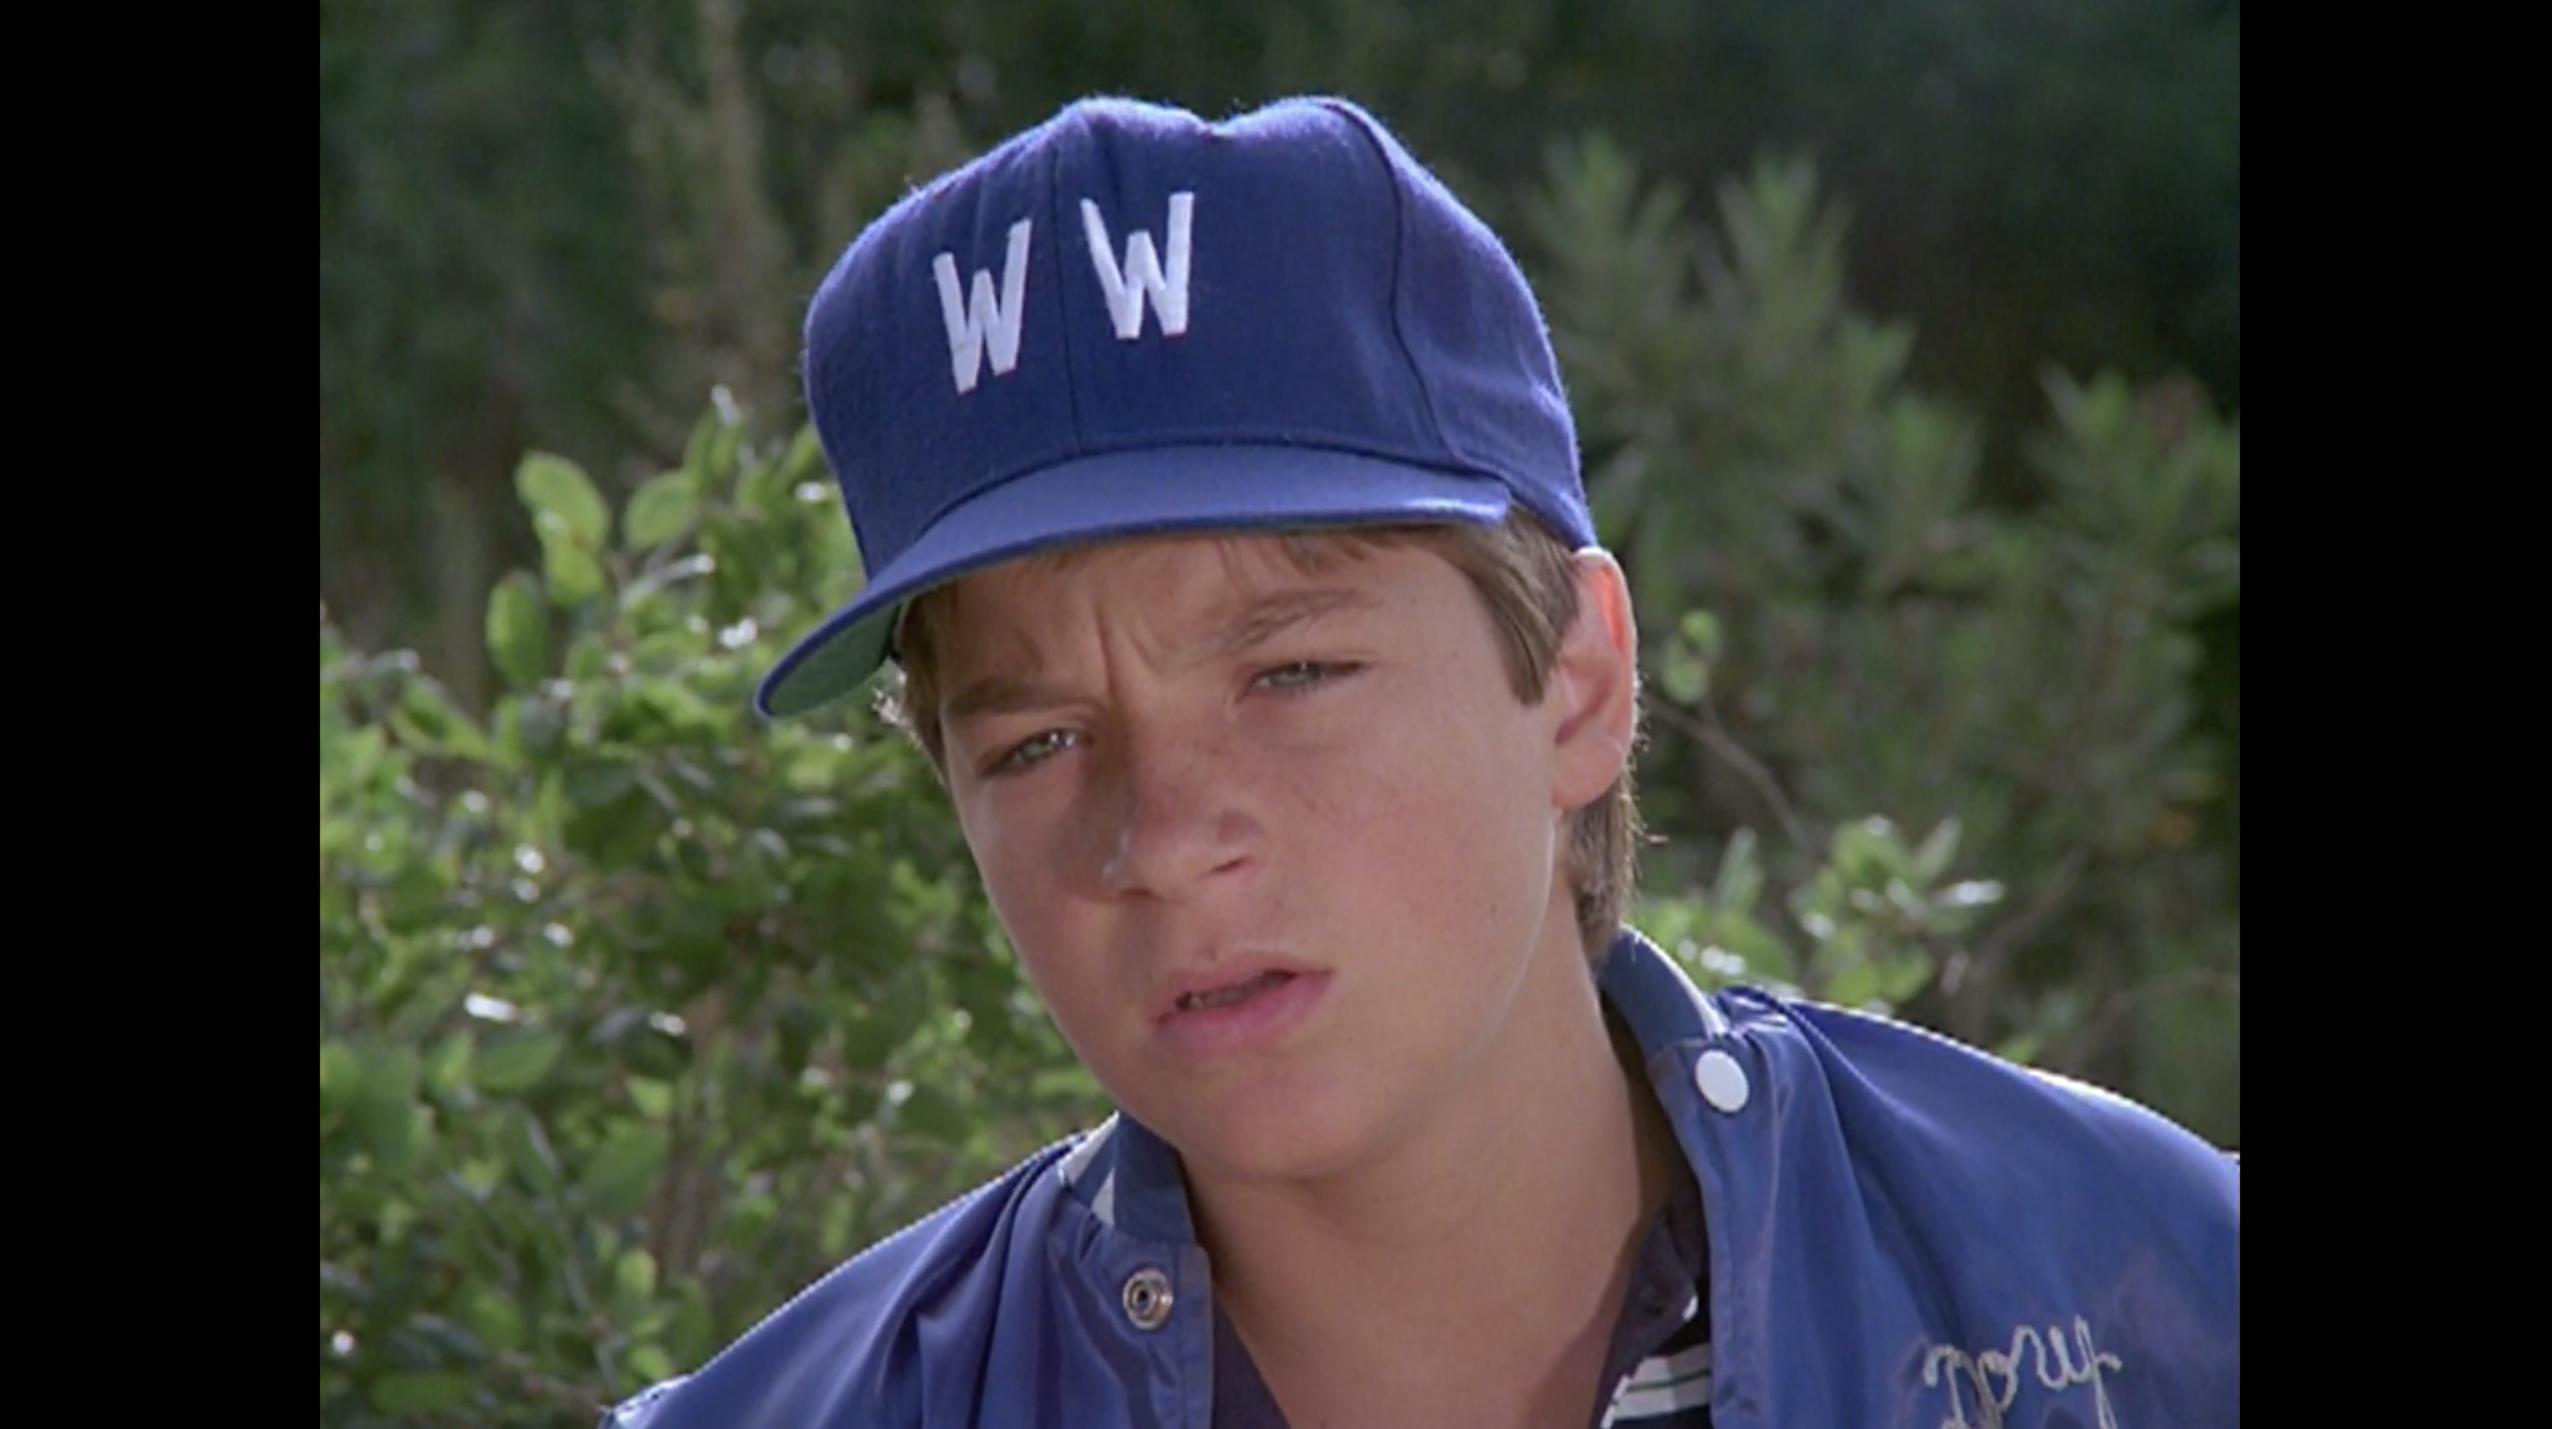 Jason Bateman in Knight Rider (1982)